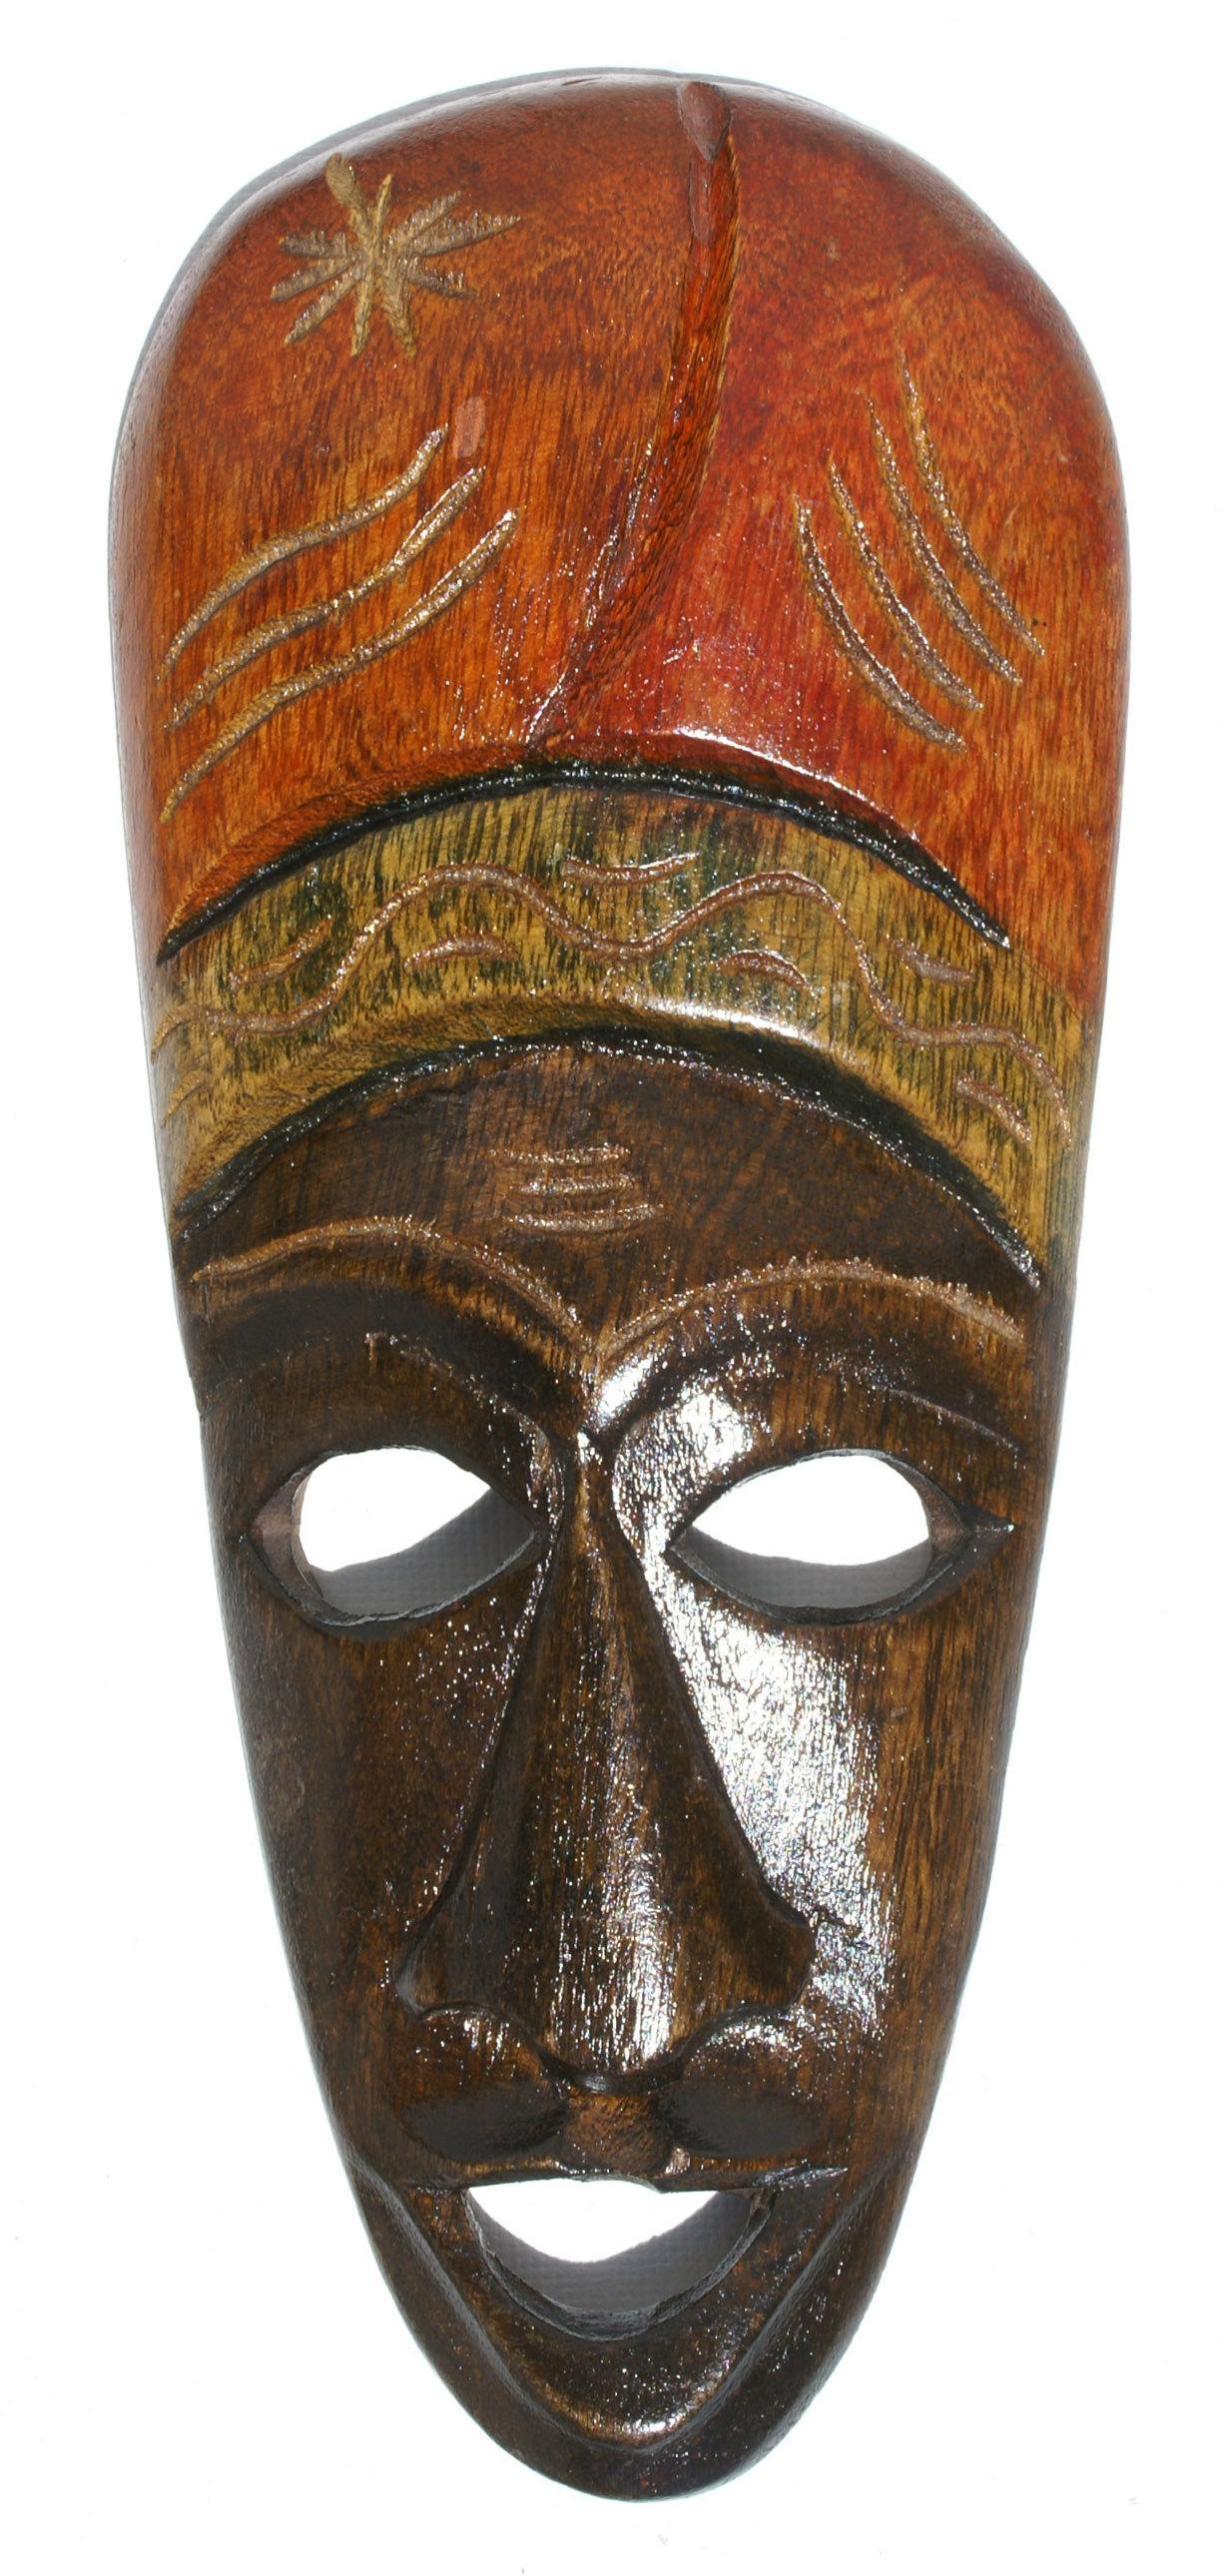 Africká dřevěná maska ručně v haiti - 515.00 Kč - Ceske Nabidky 6e6cd85ddf